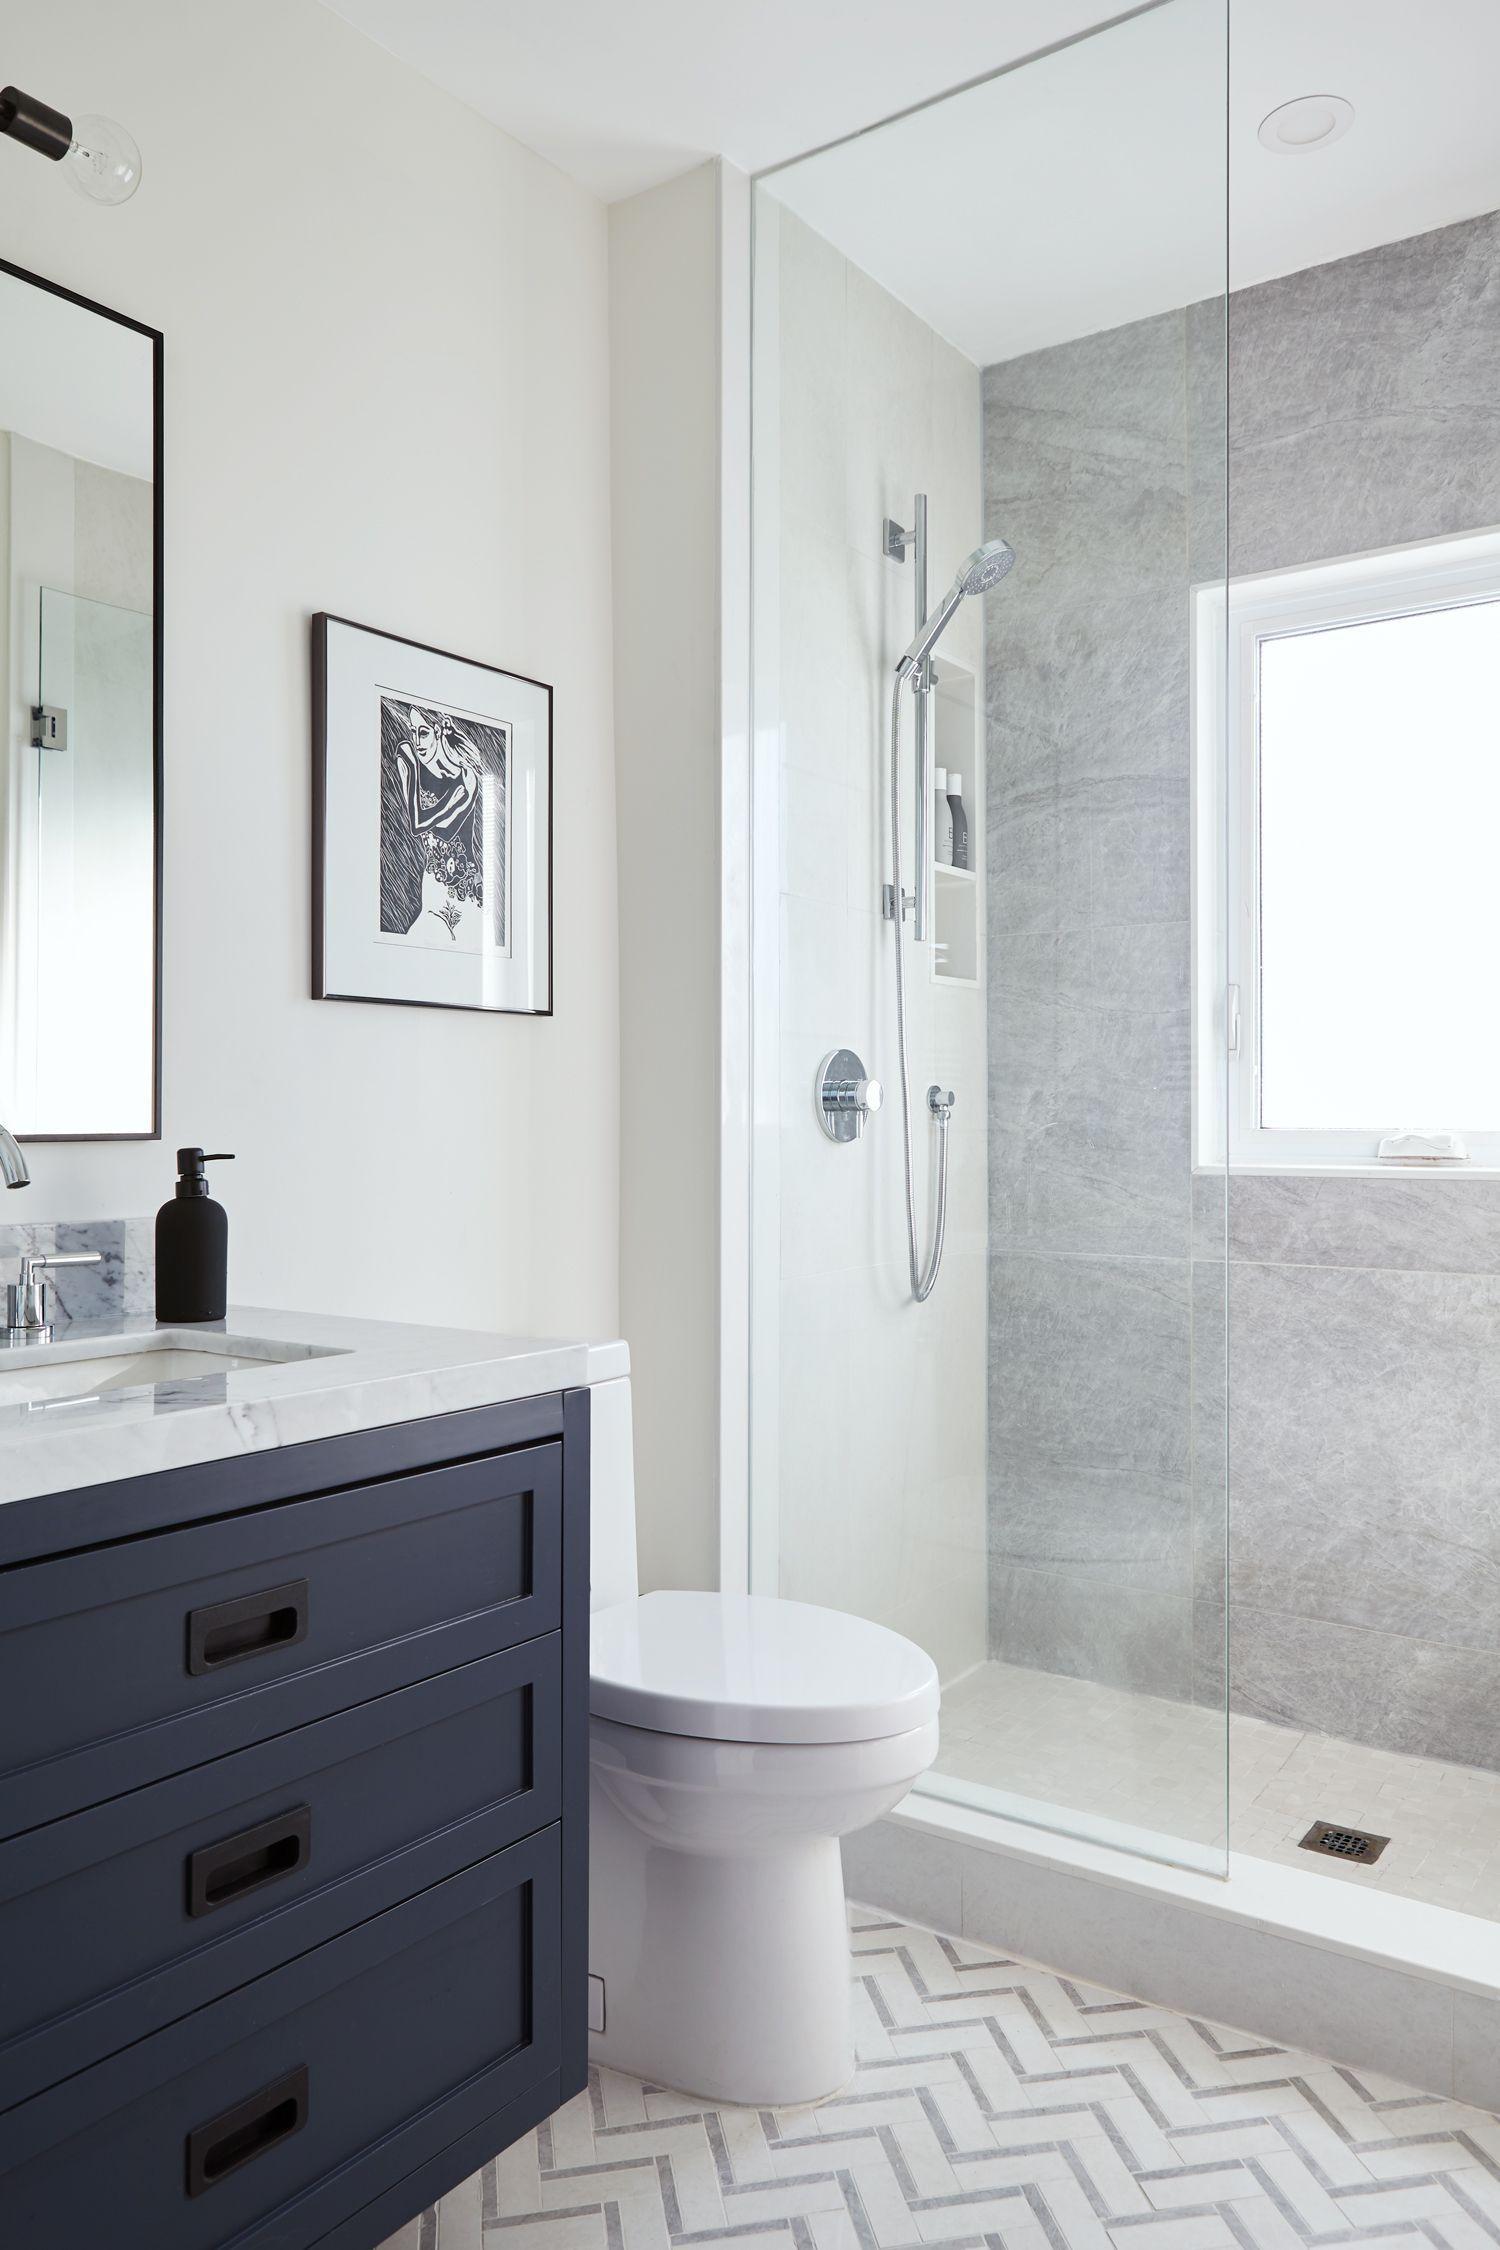 43 Best Inspiring RV Remodel Bathroom   Blue bathroom vanity, Small bathroom, Bathroom floor tiles